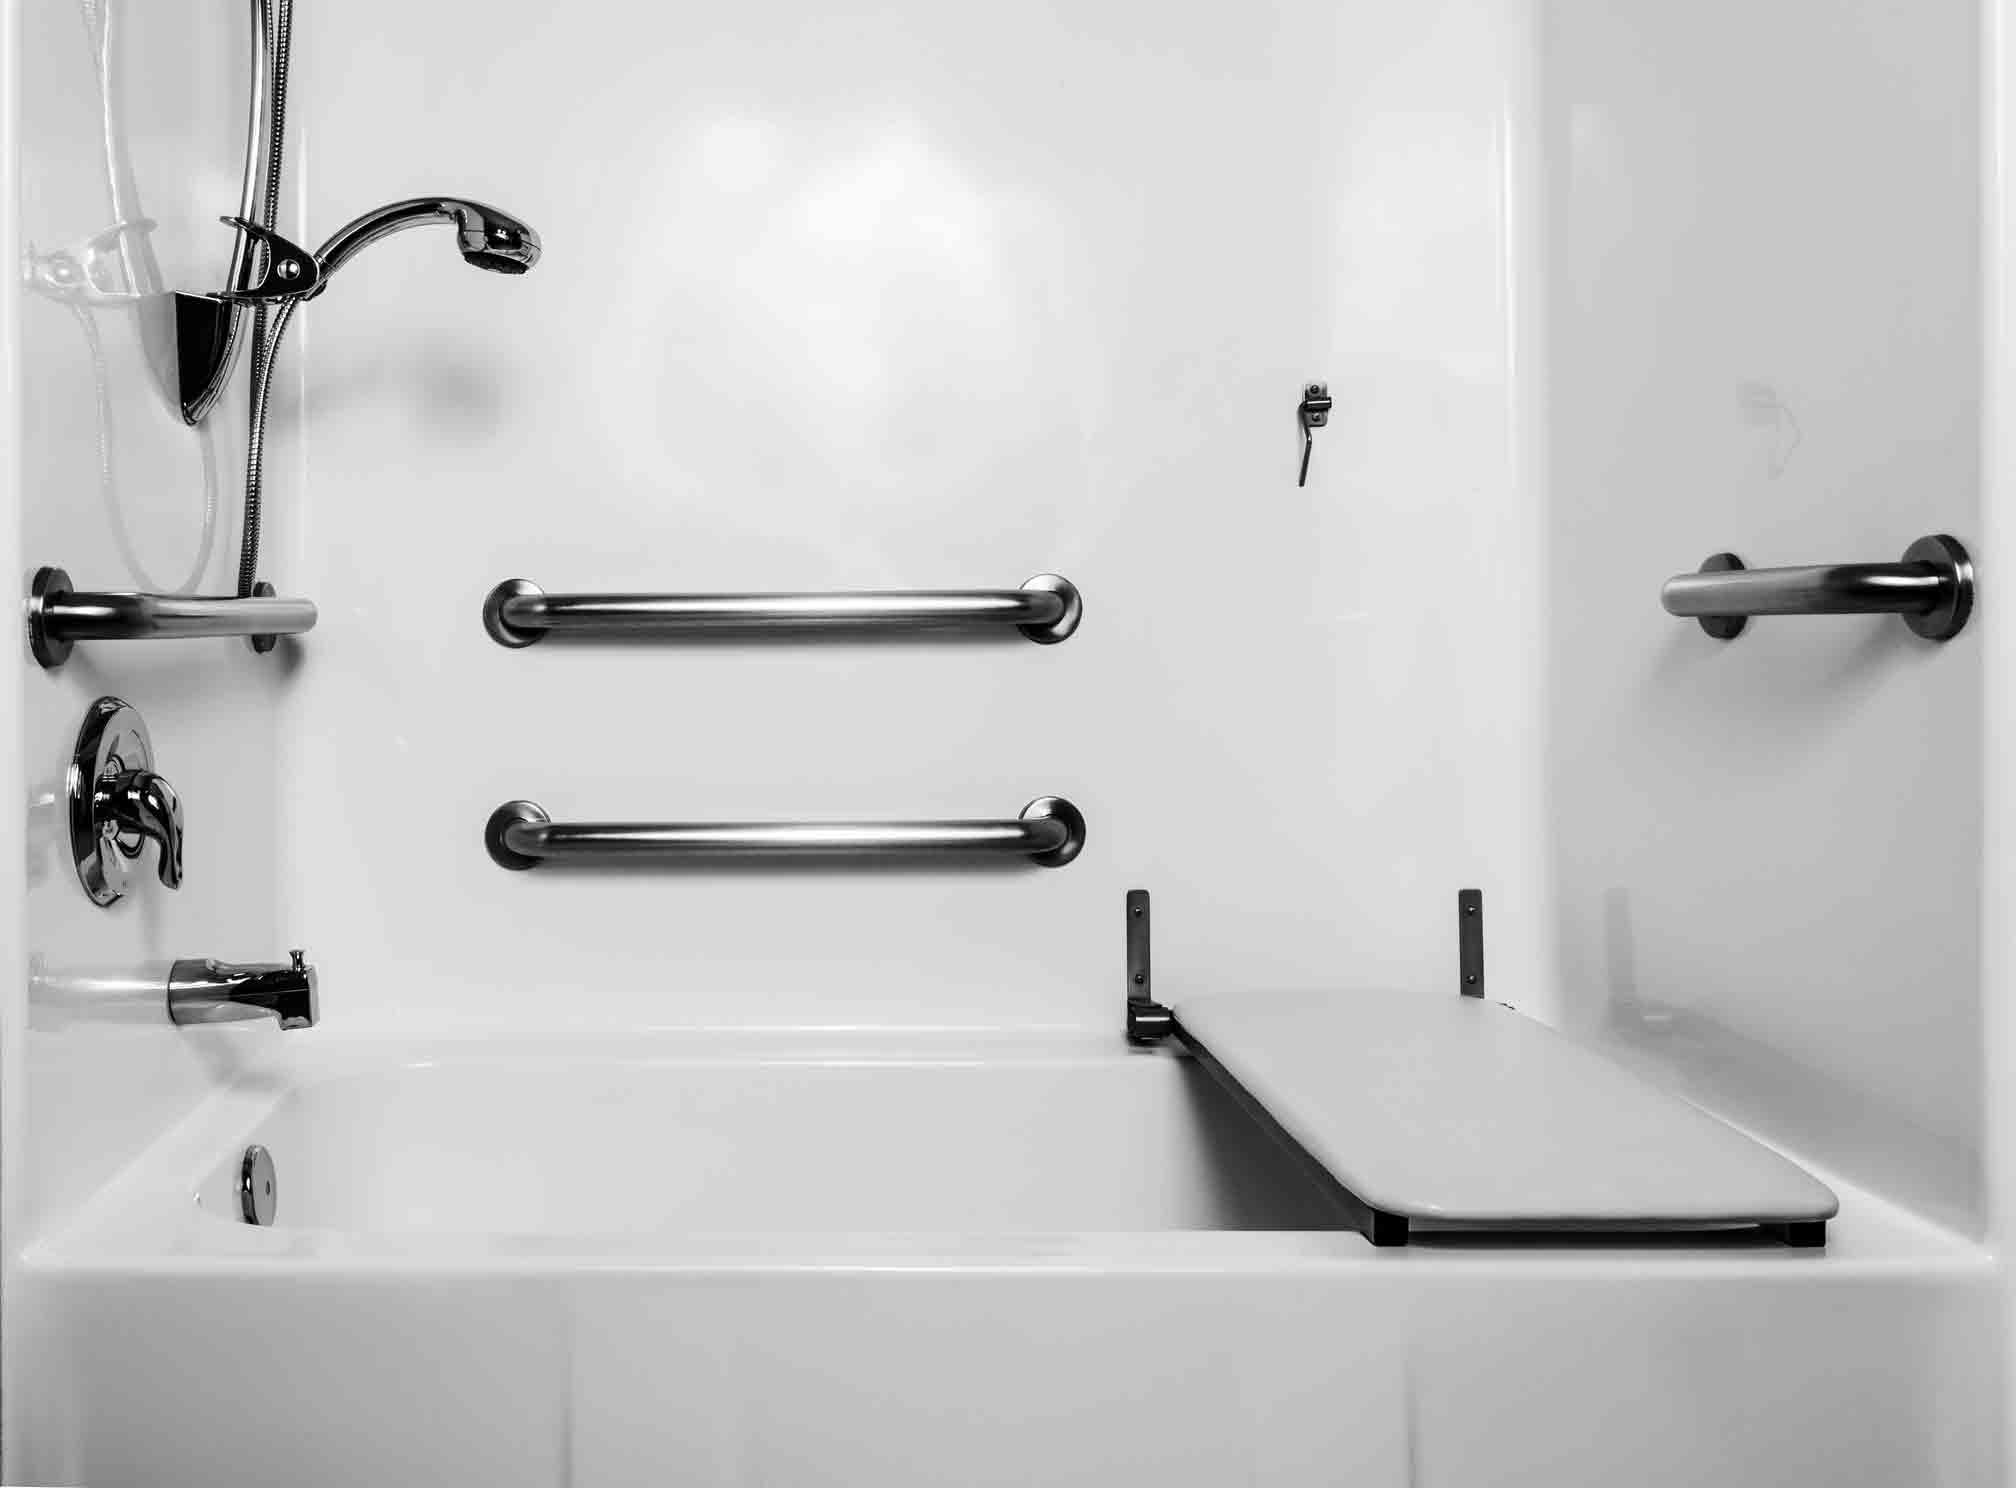 استحمام سالمندان|مرکز پارسیان مهرپرور